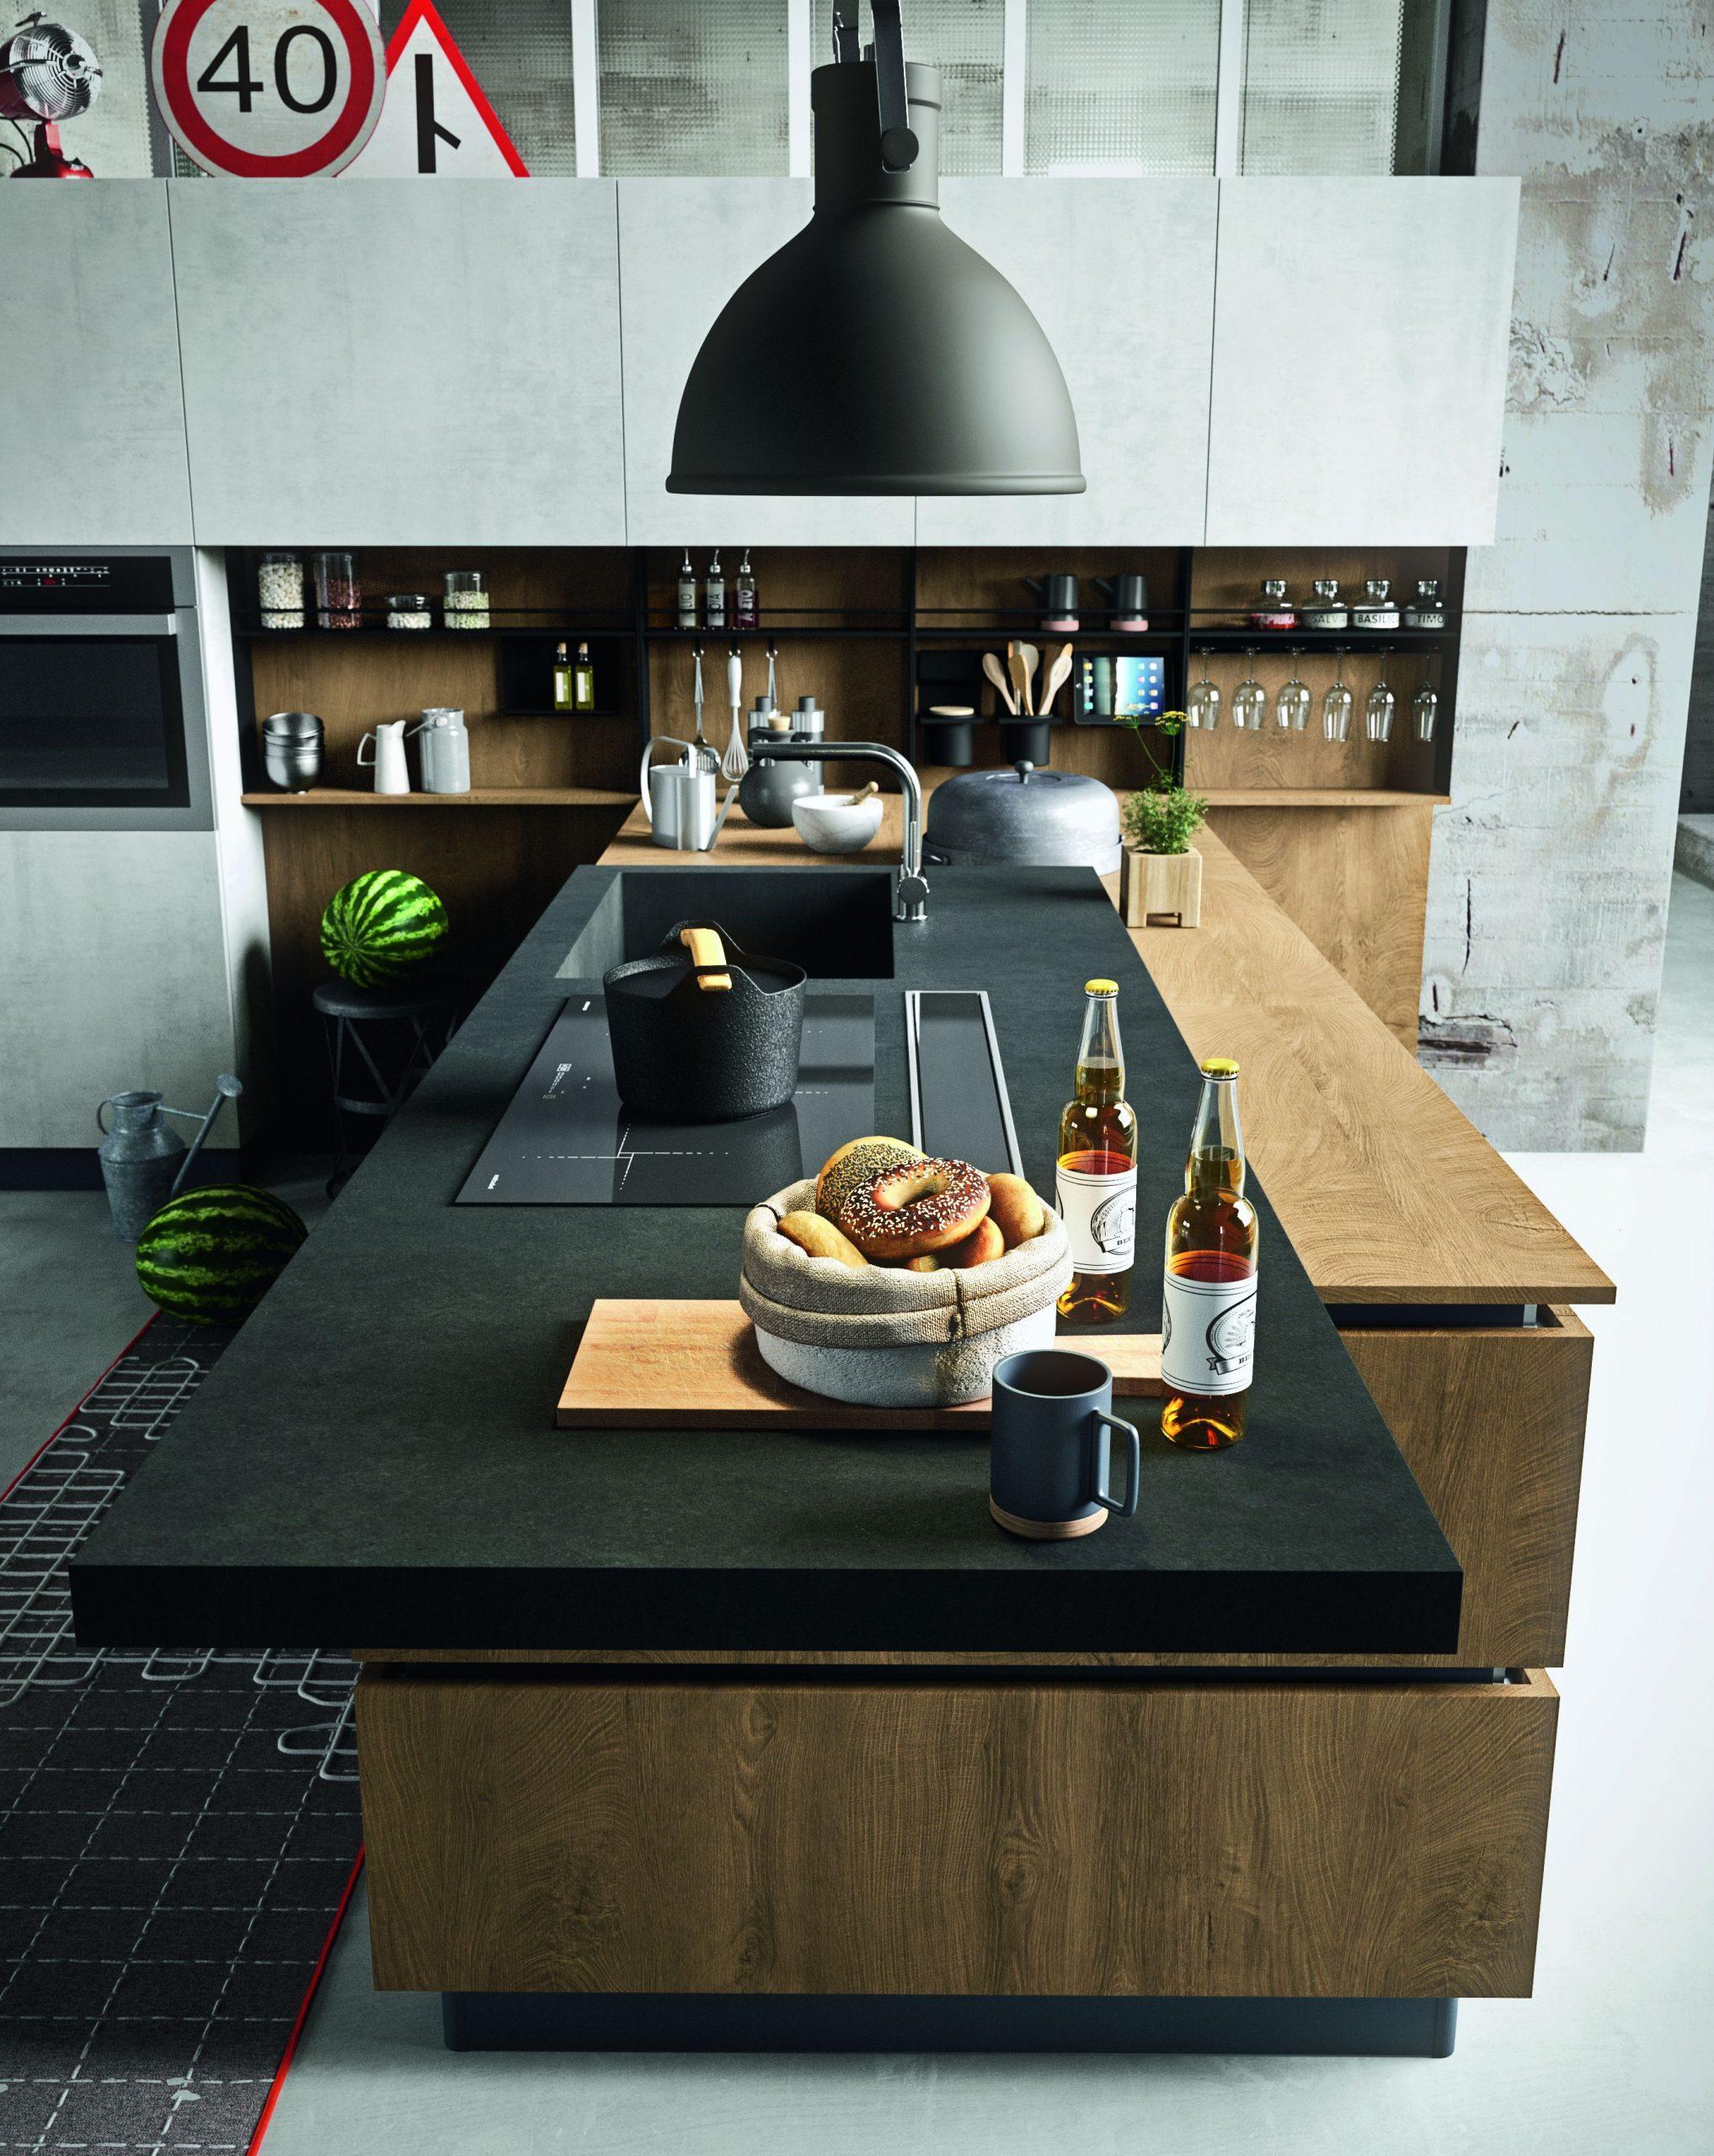 Piano top in lavagna in una cucina Industrial effetto cemento e legno